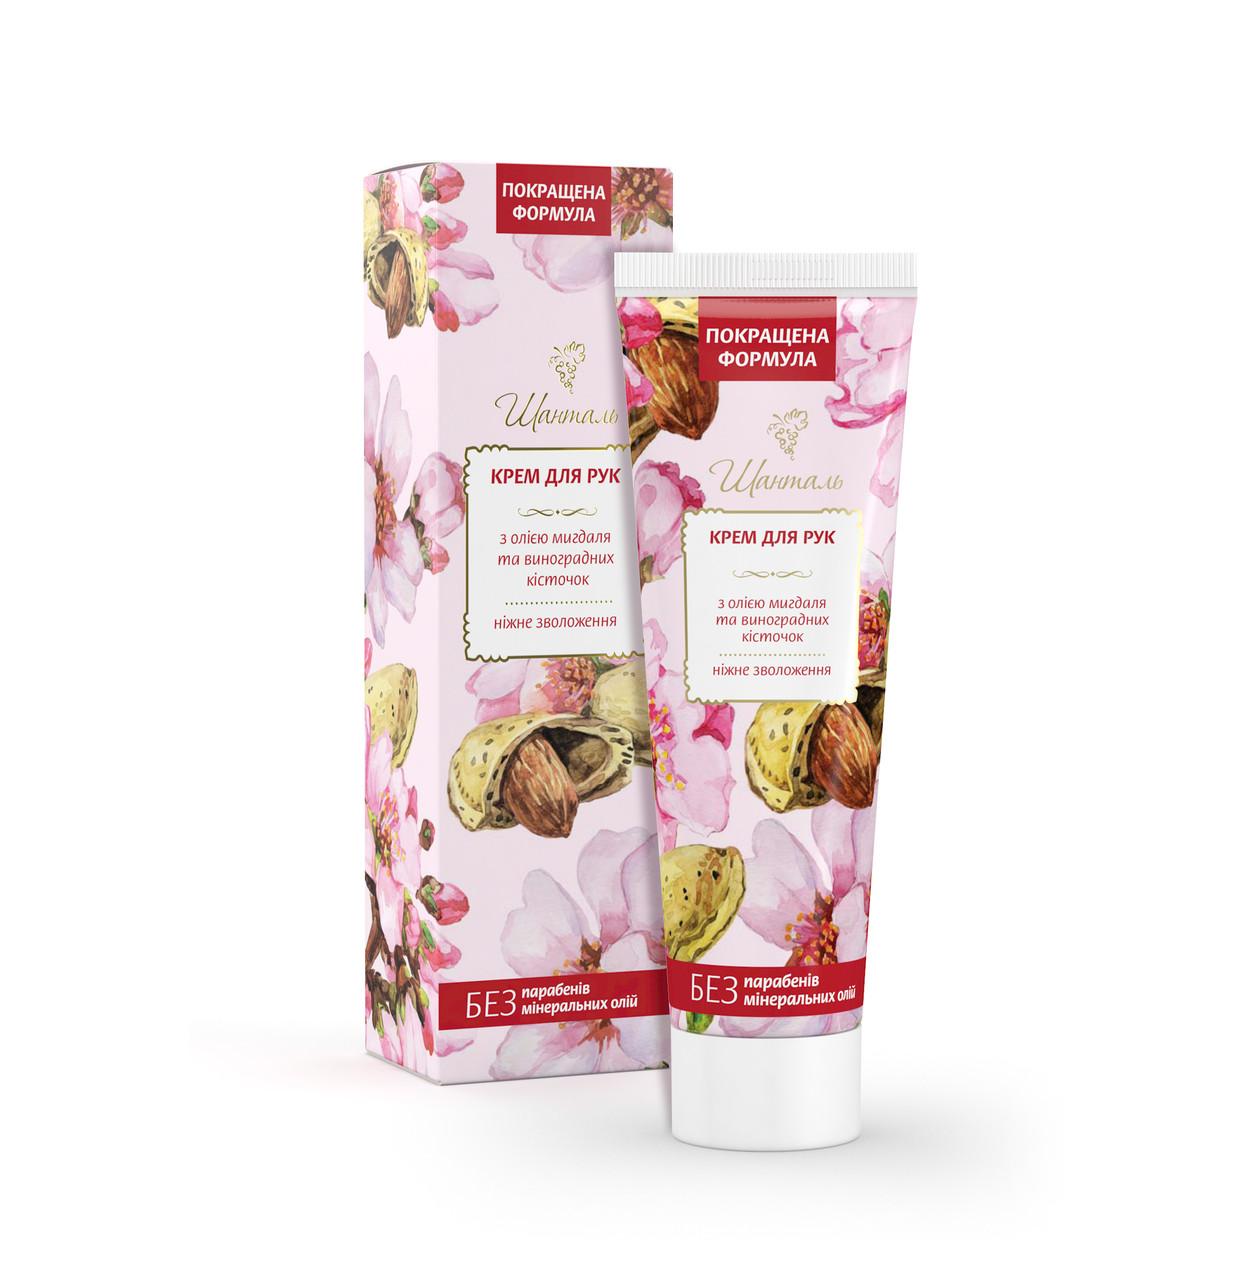 Крем для рук «Шанталь» ®, 90 г Косметическое средство для увлажнения и питания кожи рук.